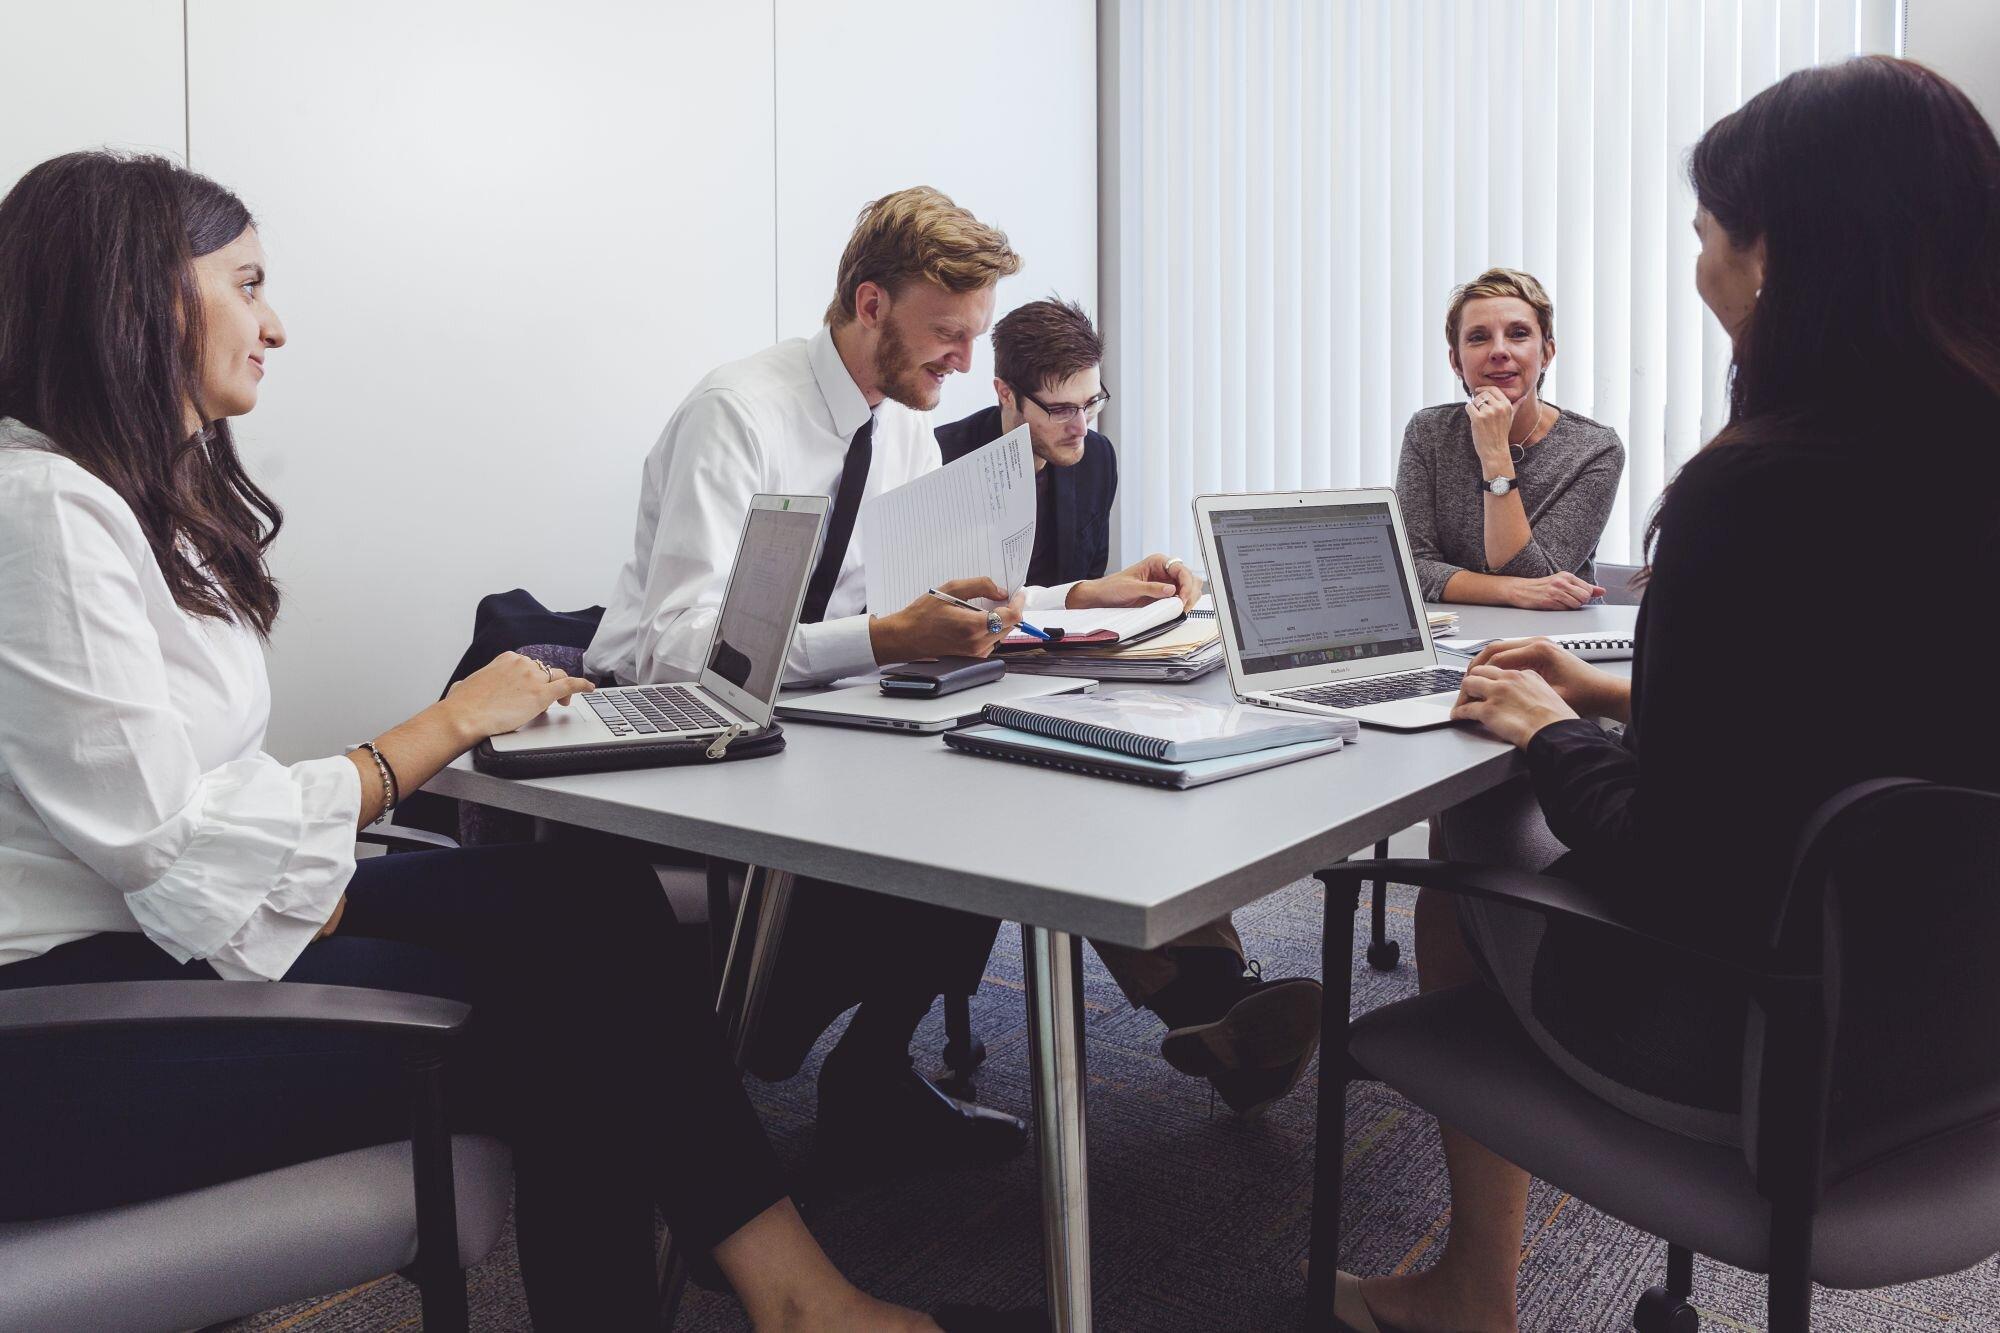 ¿Se puede realizar formación interna mediante aula virtual?